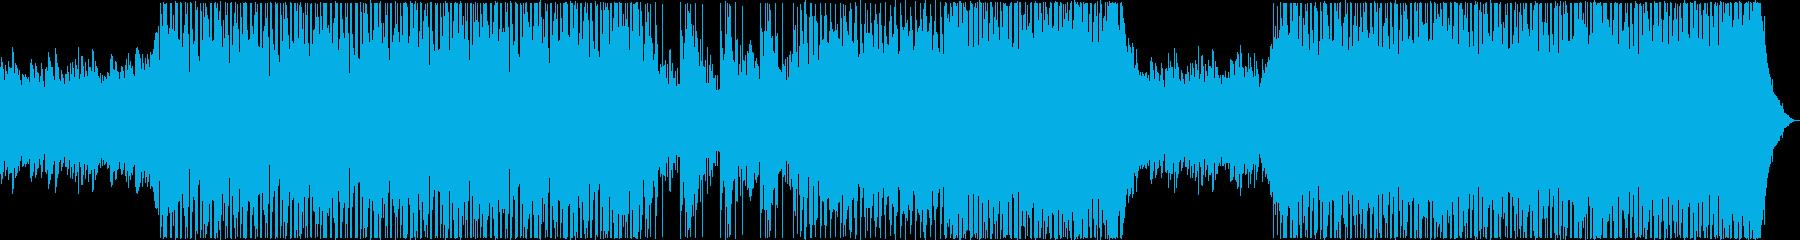 いえ サスペンス 技術的な 感情的...の再生済みの波形